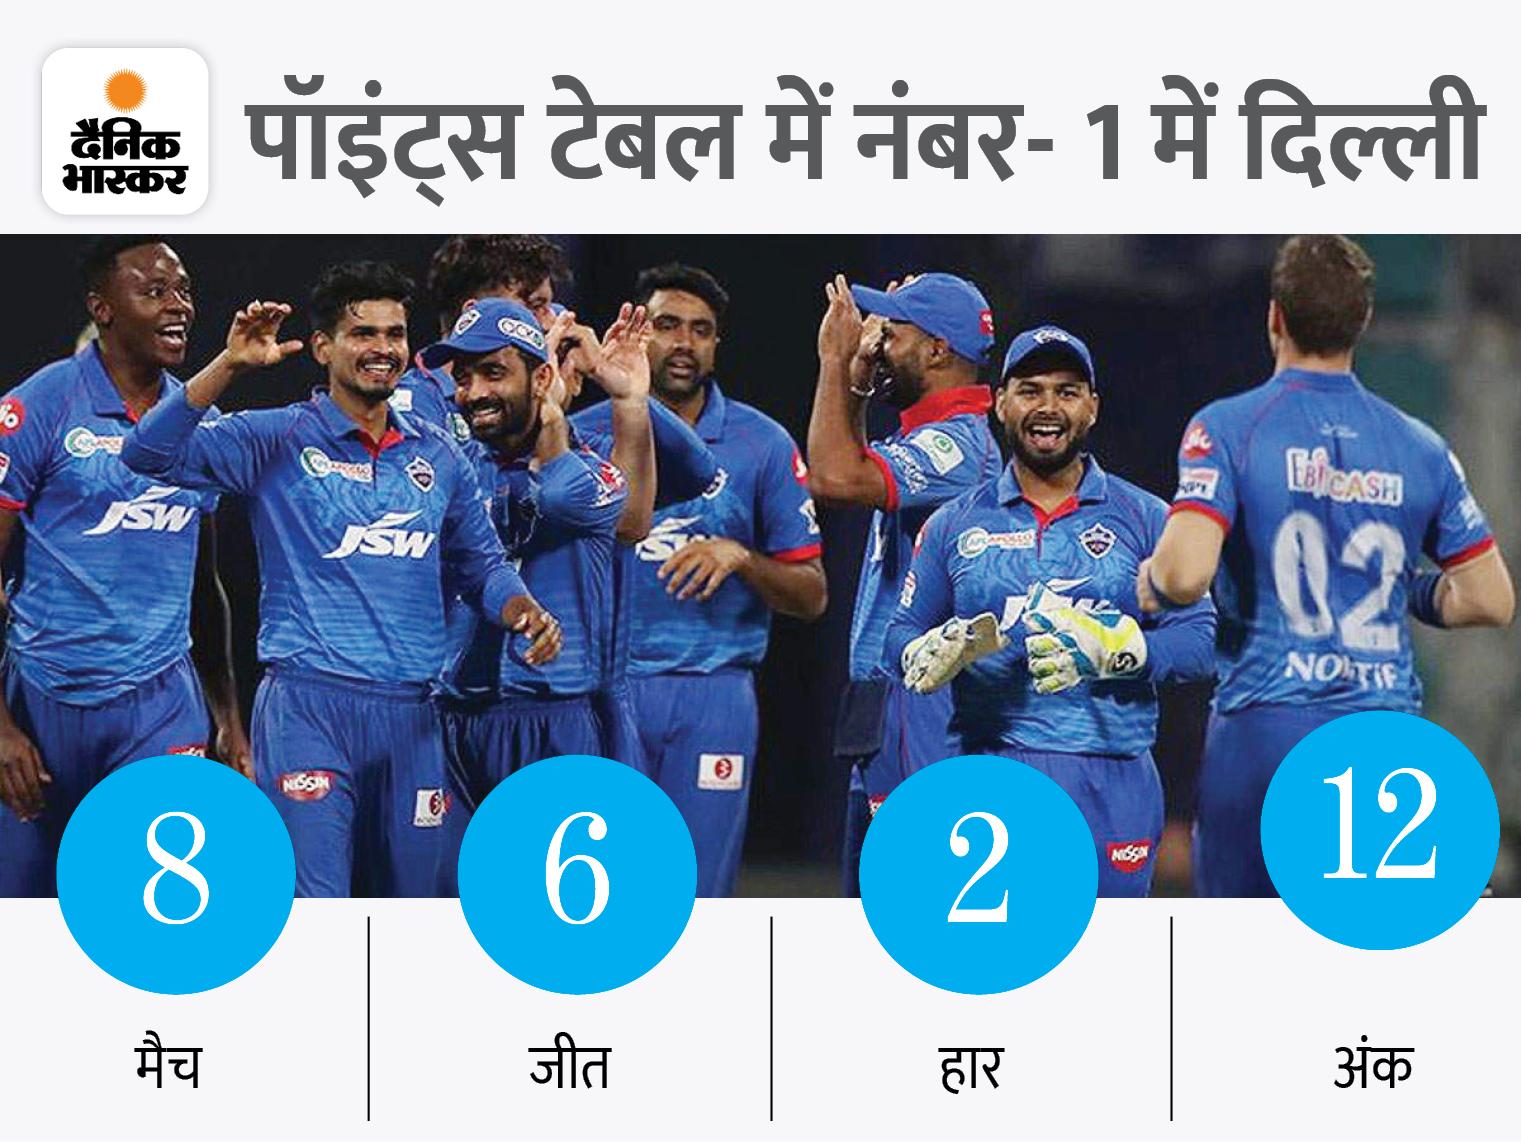 ऋषभ पंत के पास बरकरार रहेगी दिल्ली कैपिटल्स की कप्तानी, सपोर्टिंग रोल में नजर आएंगे श्रेयस अय्यर|IPL 2021,IPL 2021 - Dainik Bhaskar